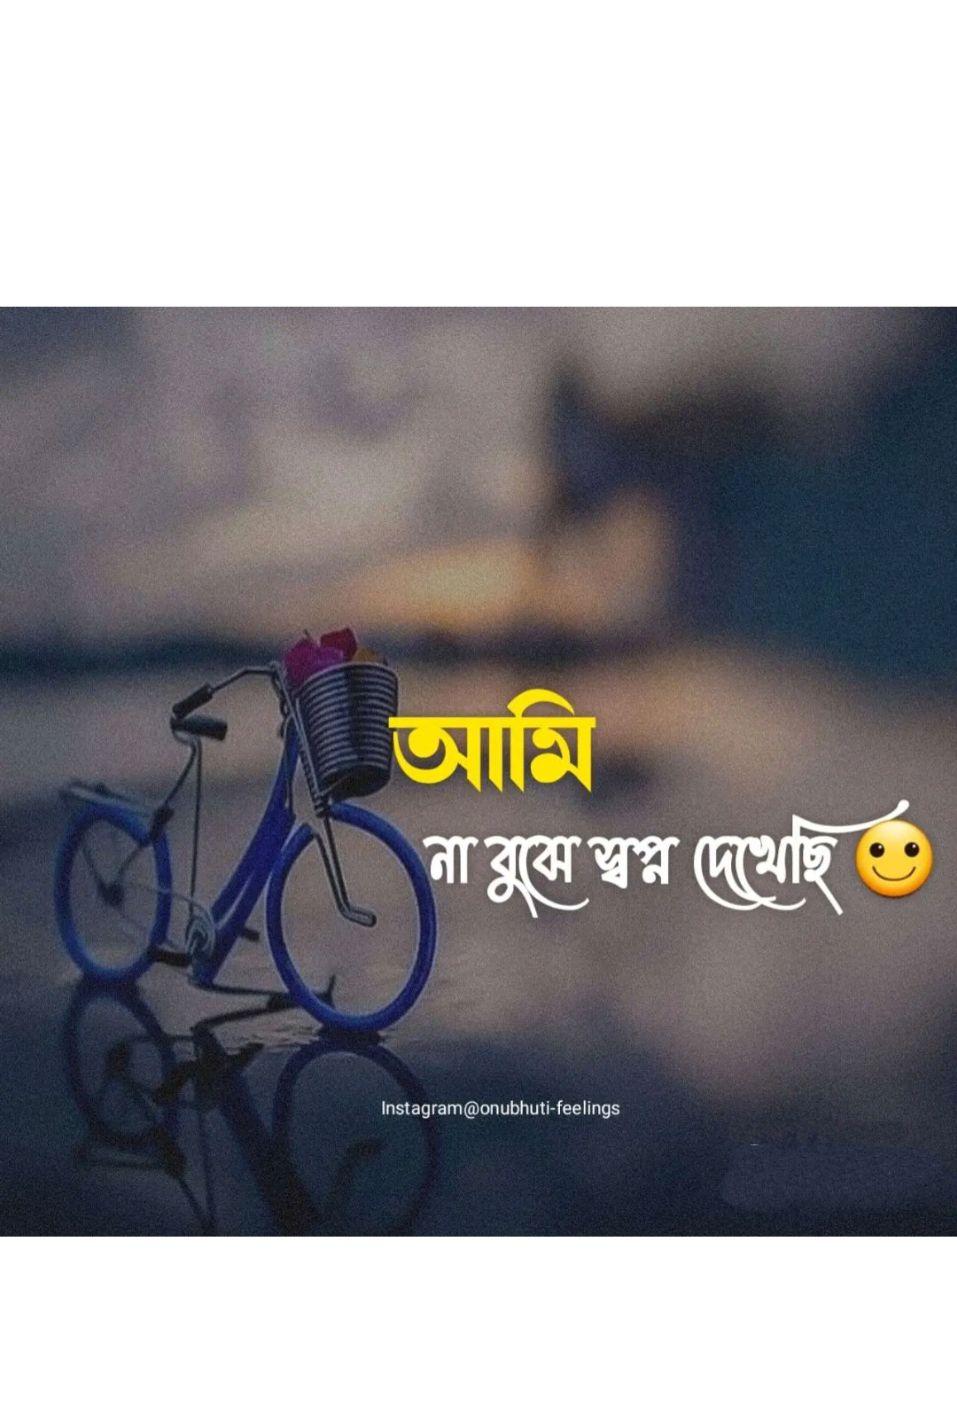 👏প্রেয়ার - আমি | নারঝেম্বপ্ন দেখছি ও Instagram @ onubhuti - feelings - ShareChat